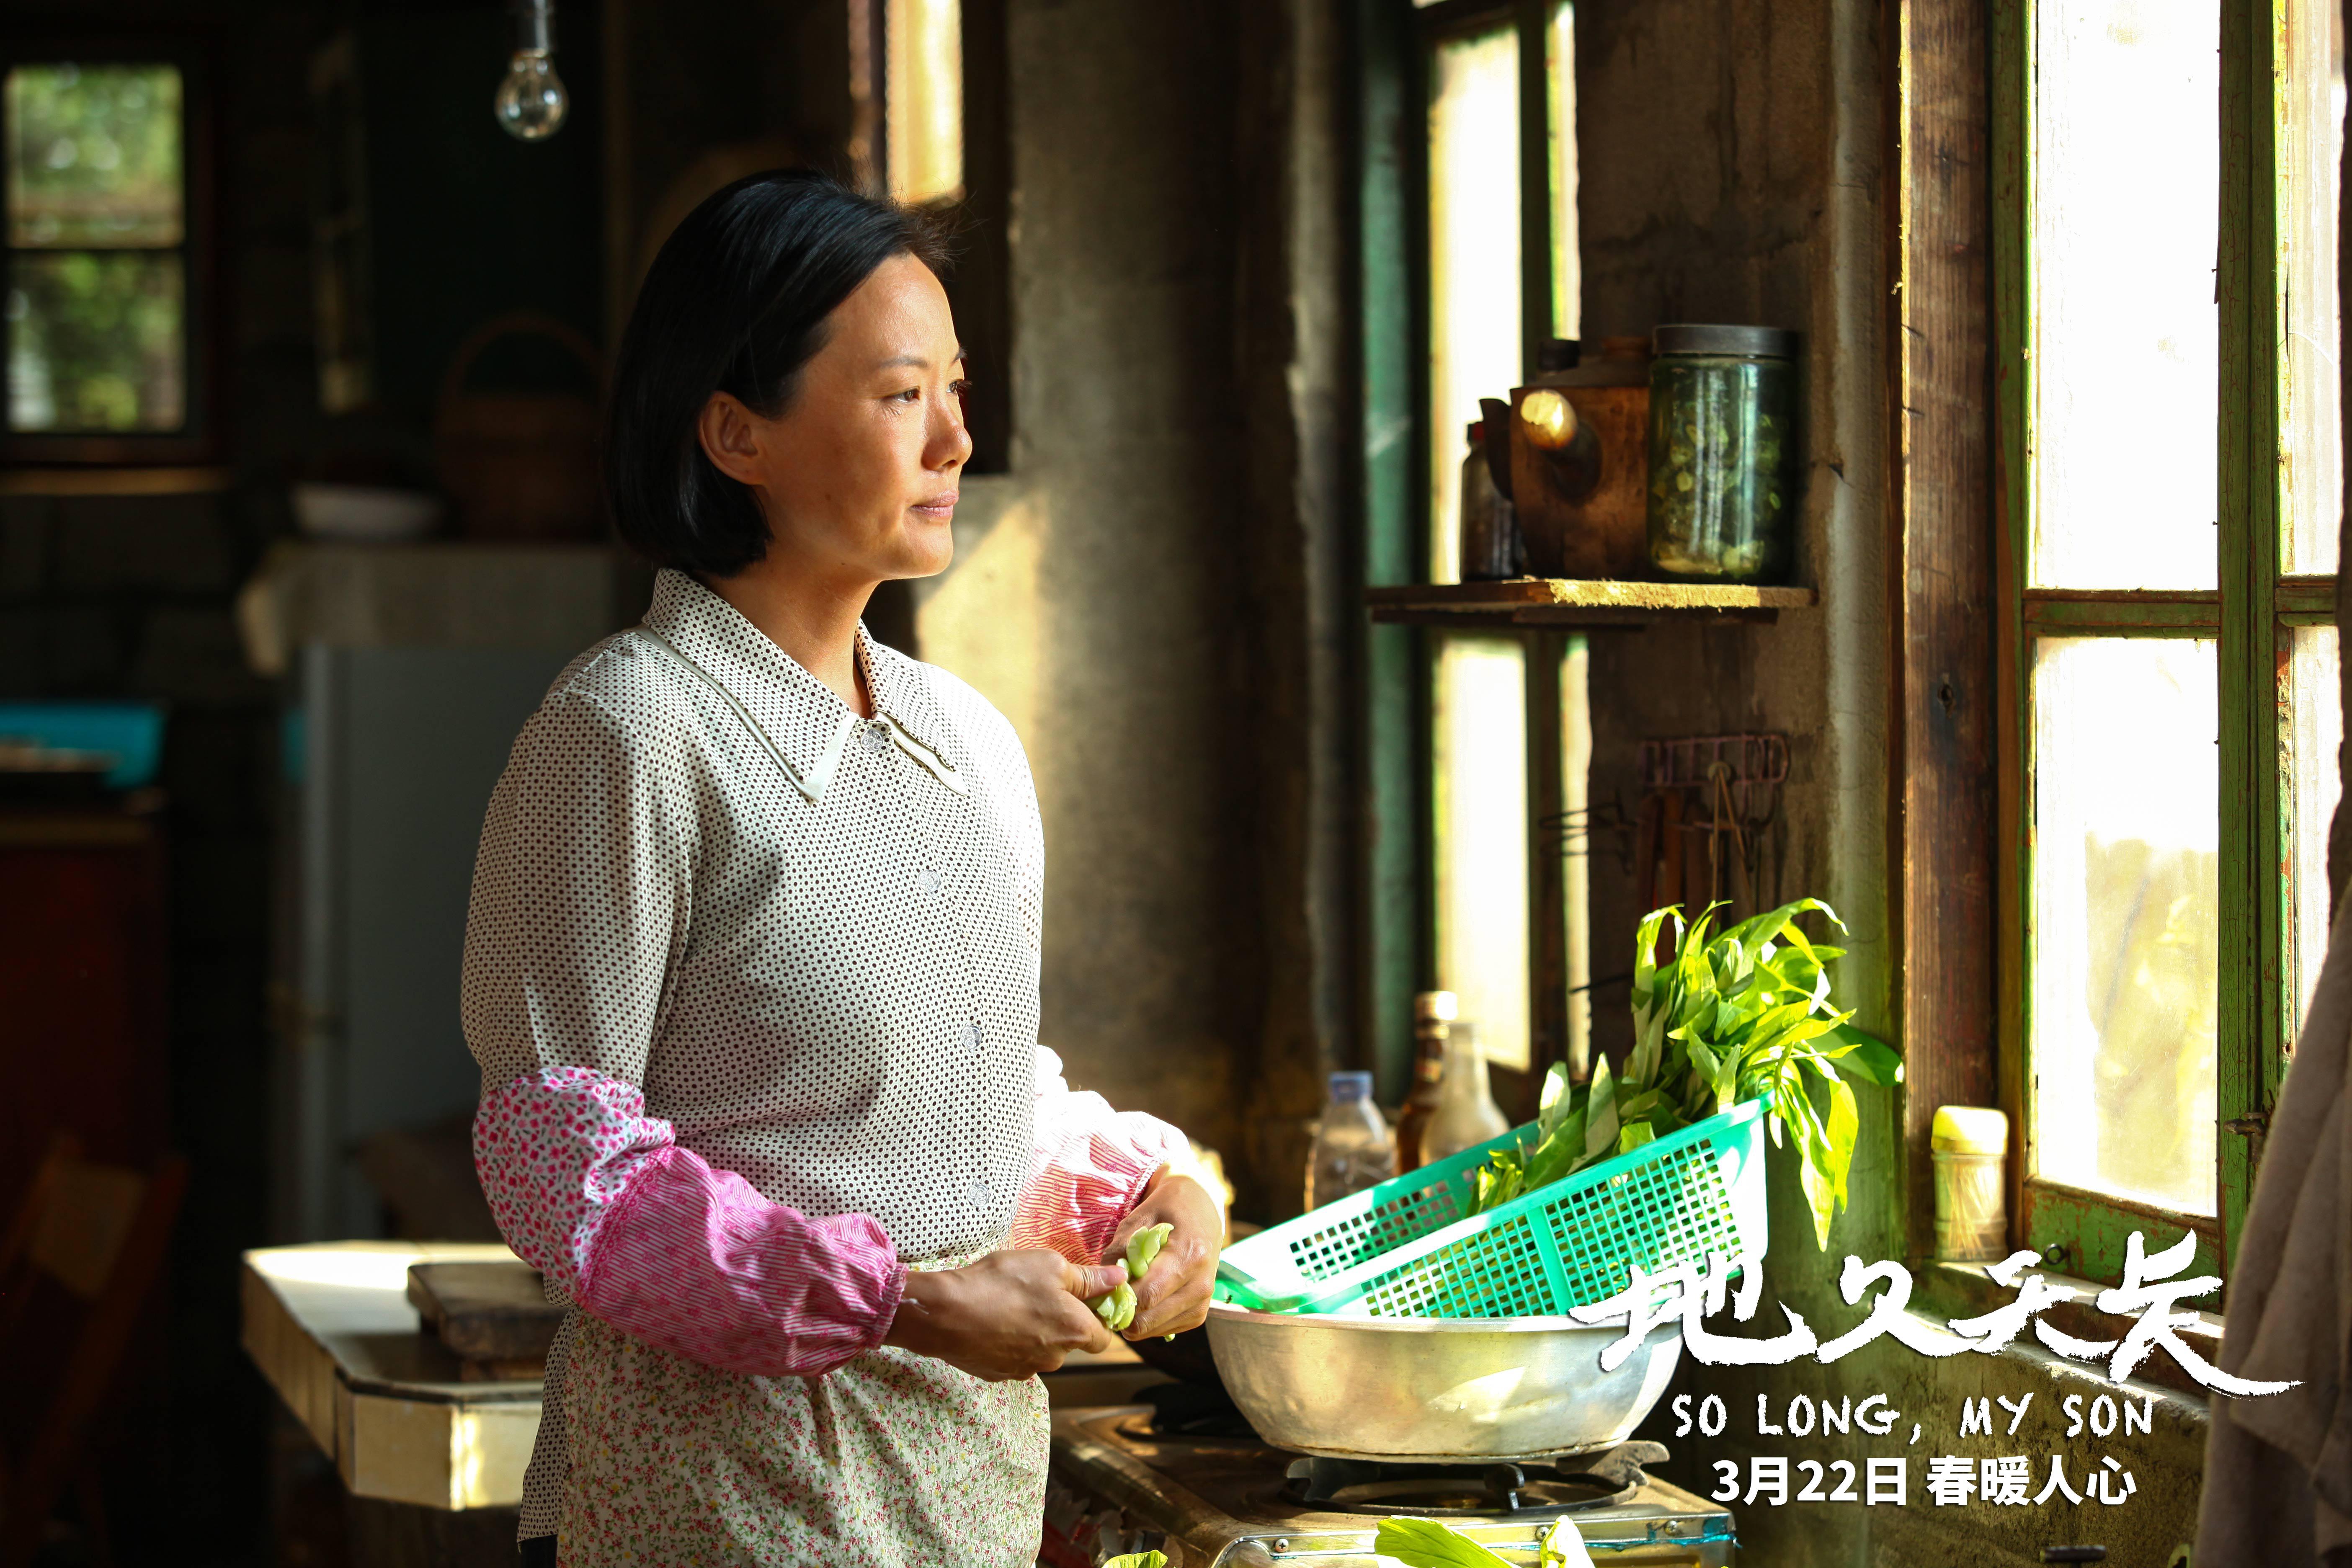 李天一最新消息9月_地久天长_电影剧照_图集_电影网_1905.com